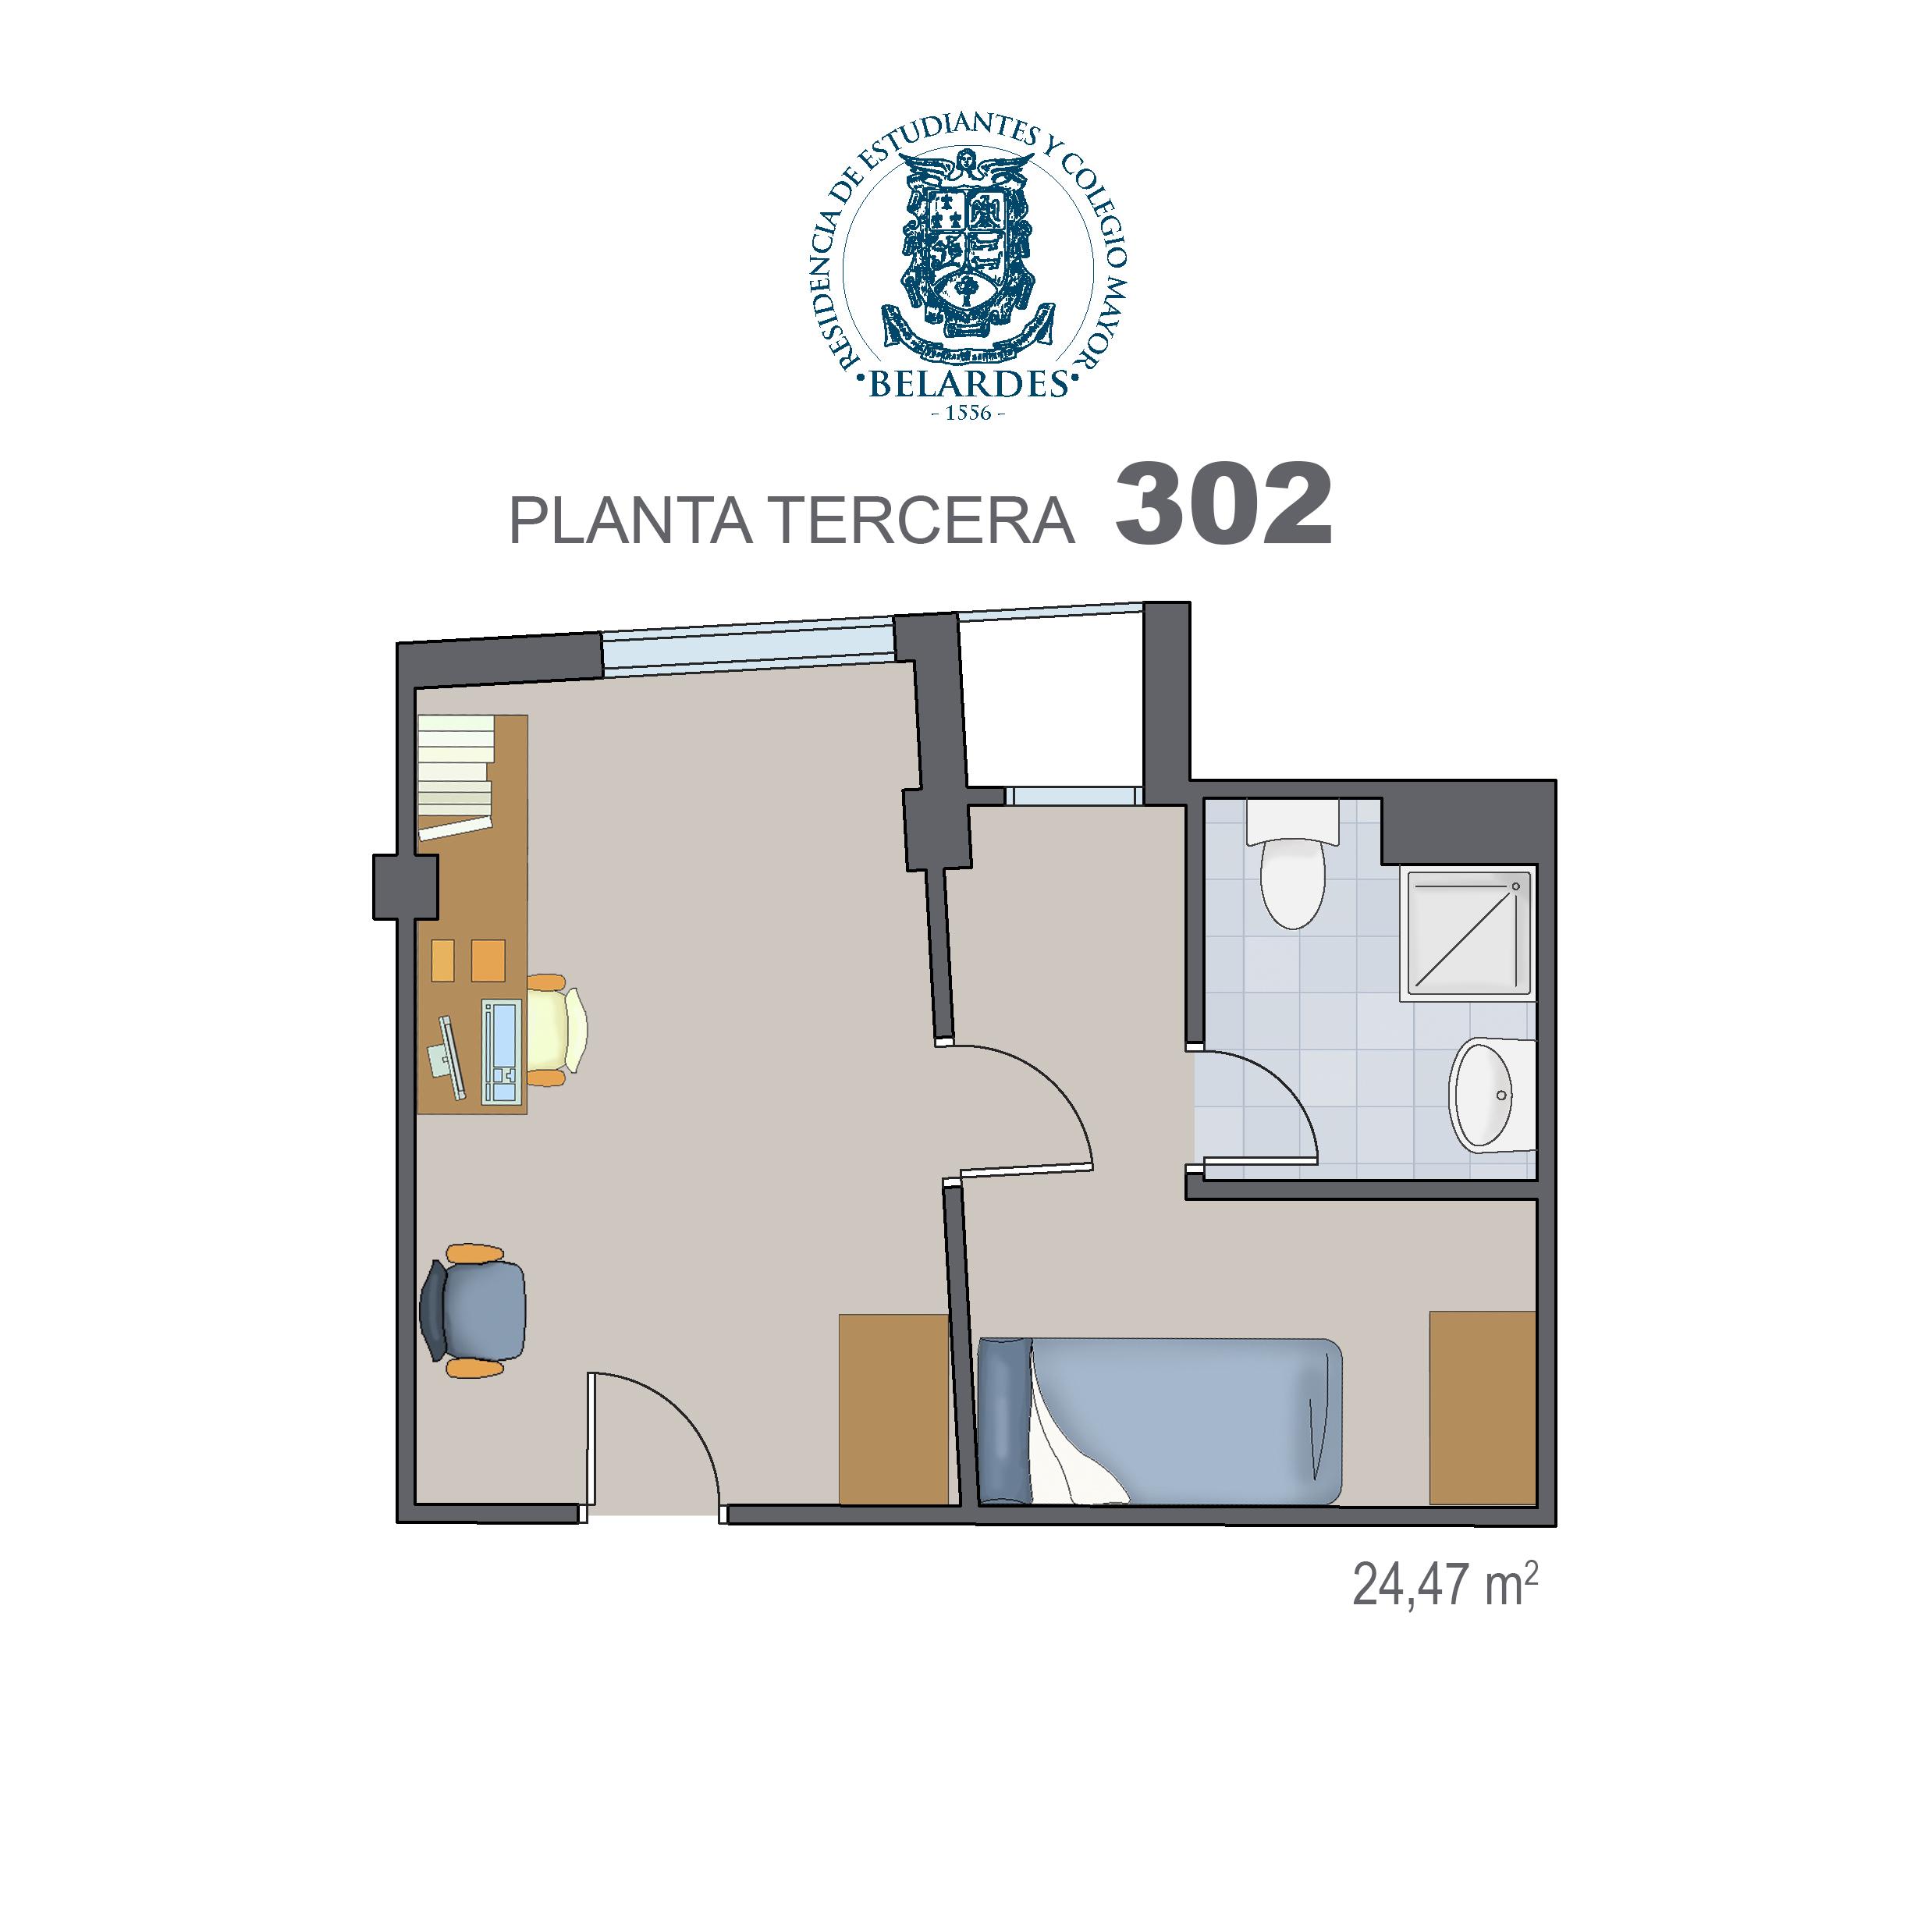 tercera 302